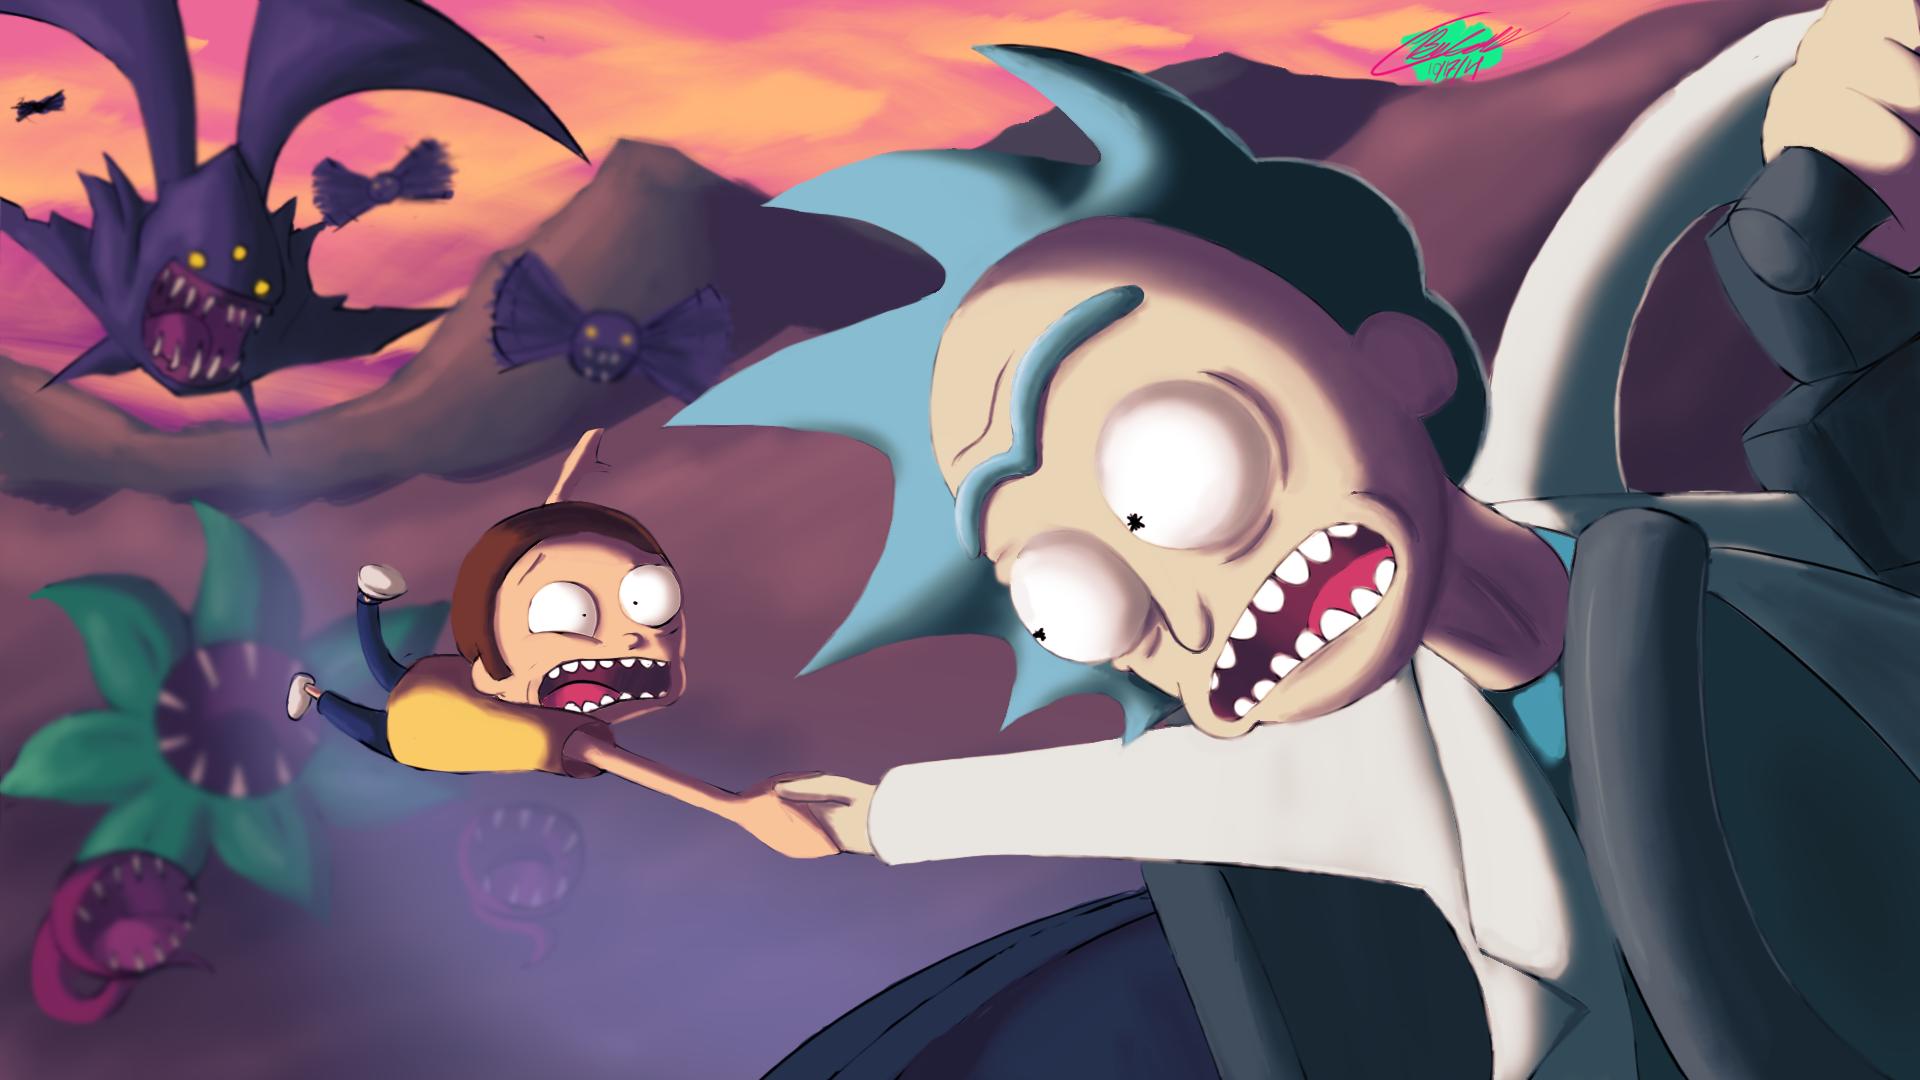 I Gotcha, Morty!